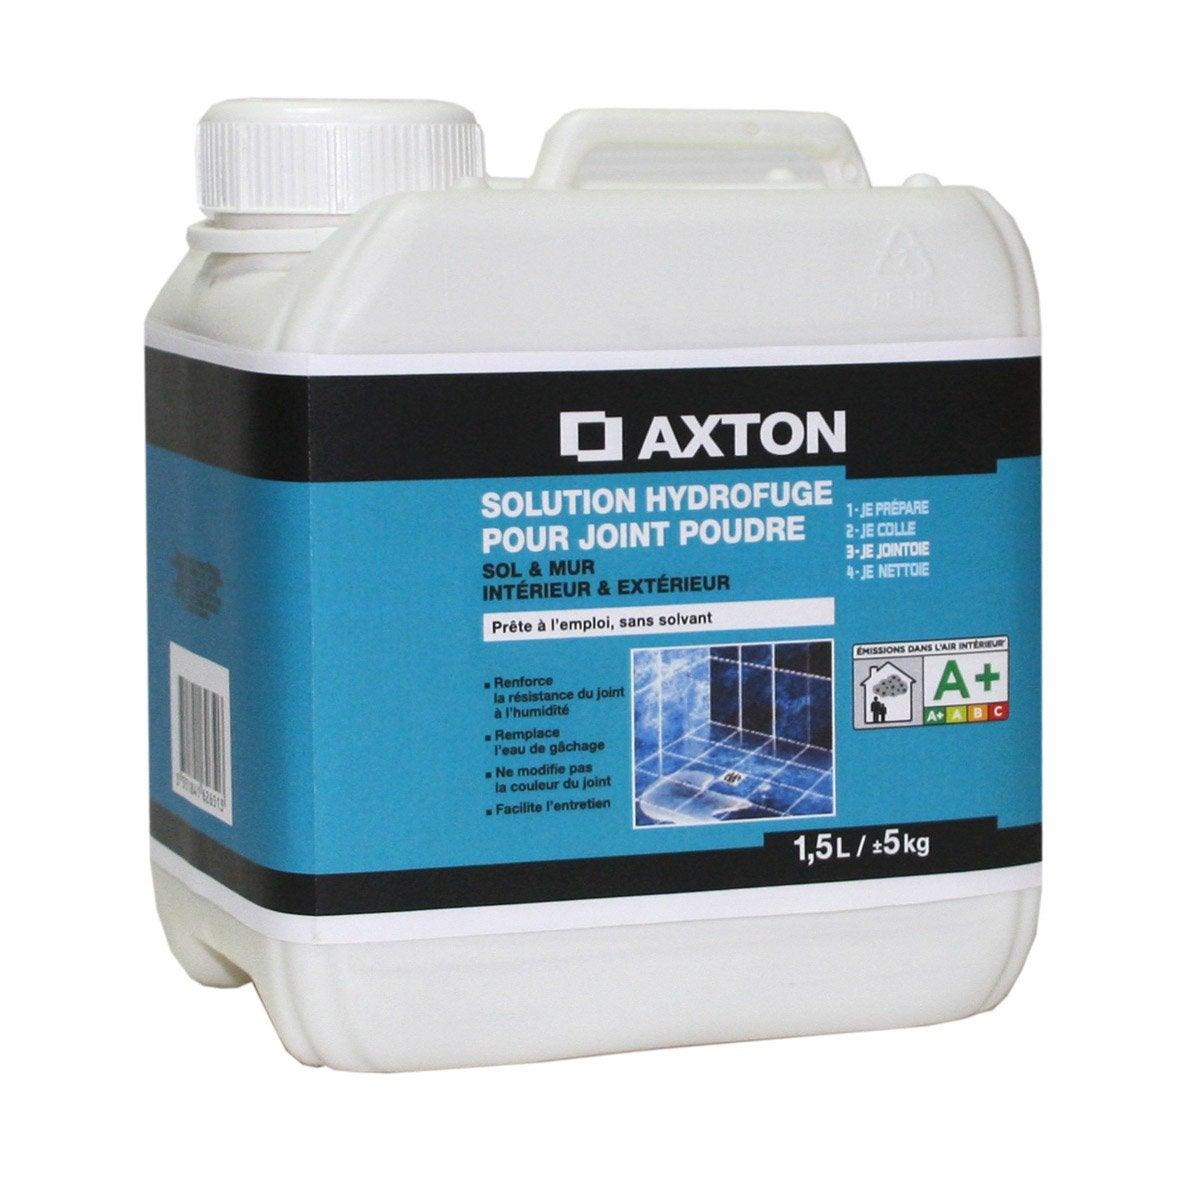 Solution hydrofuge pour carrelage et mosaïque AXTON, blanc, 18.18 L